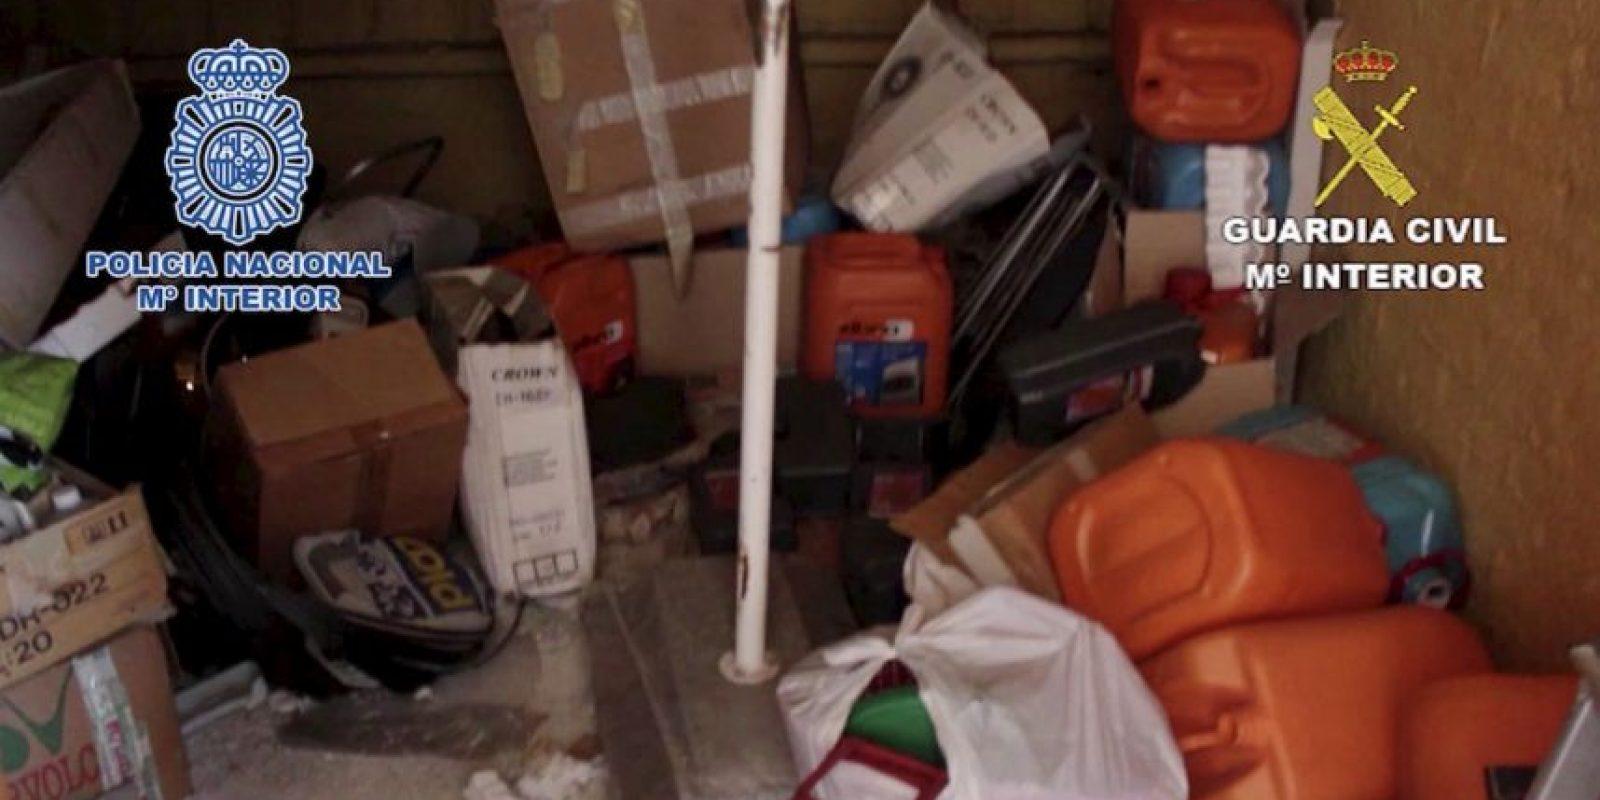 Además de tener todo tipo de objetos inutilizados Foto:Policia Nacional de España. Imagen Por: